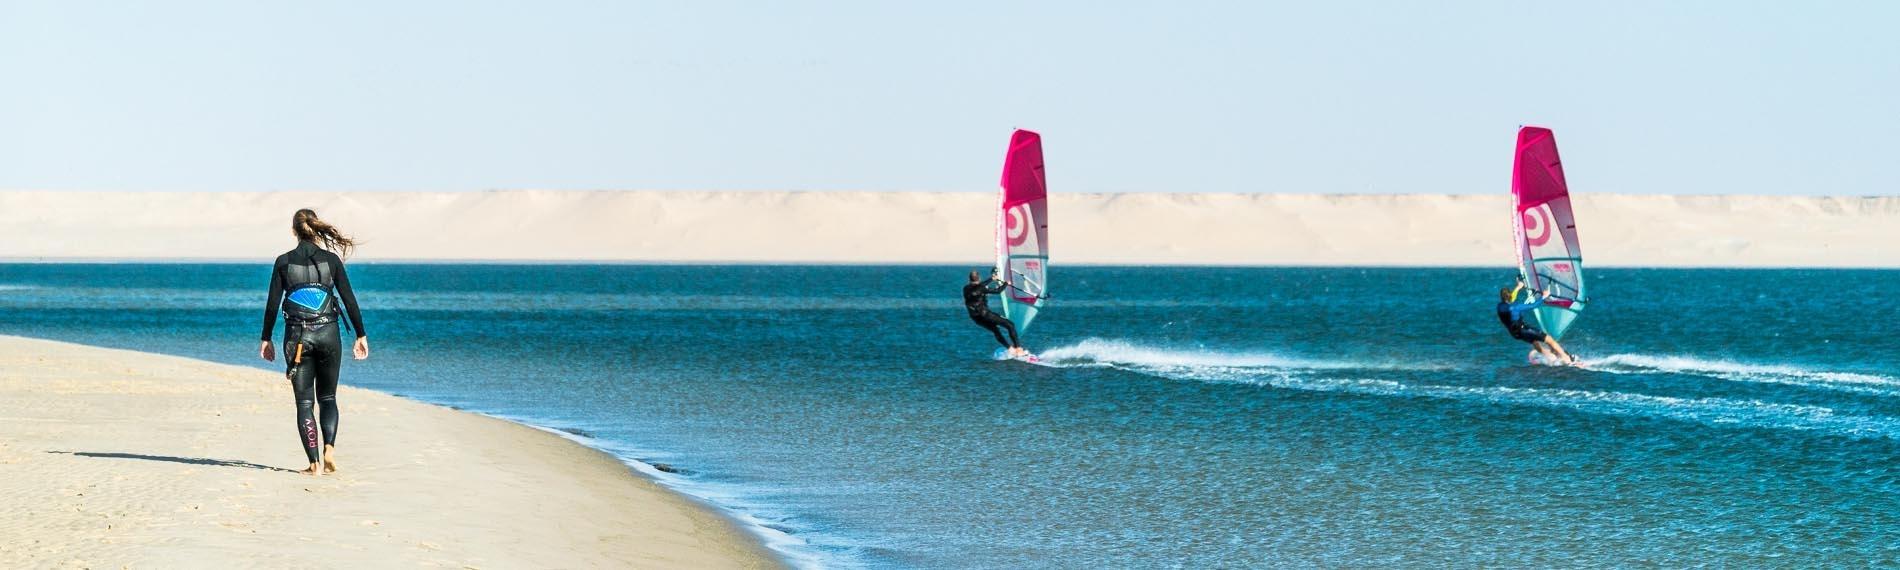 Marokko - Dakhla